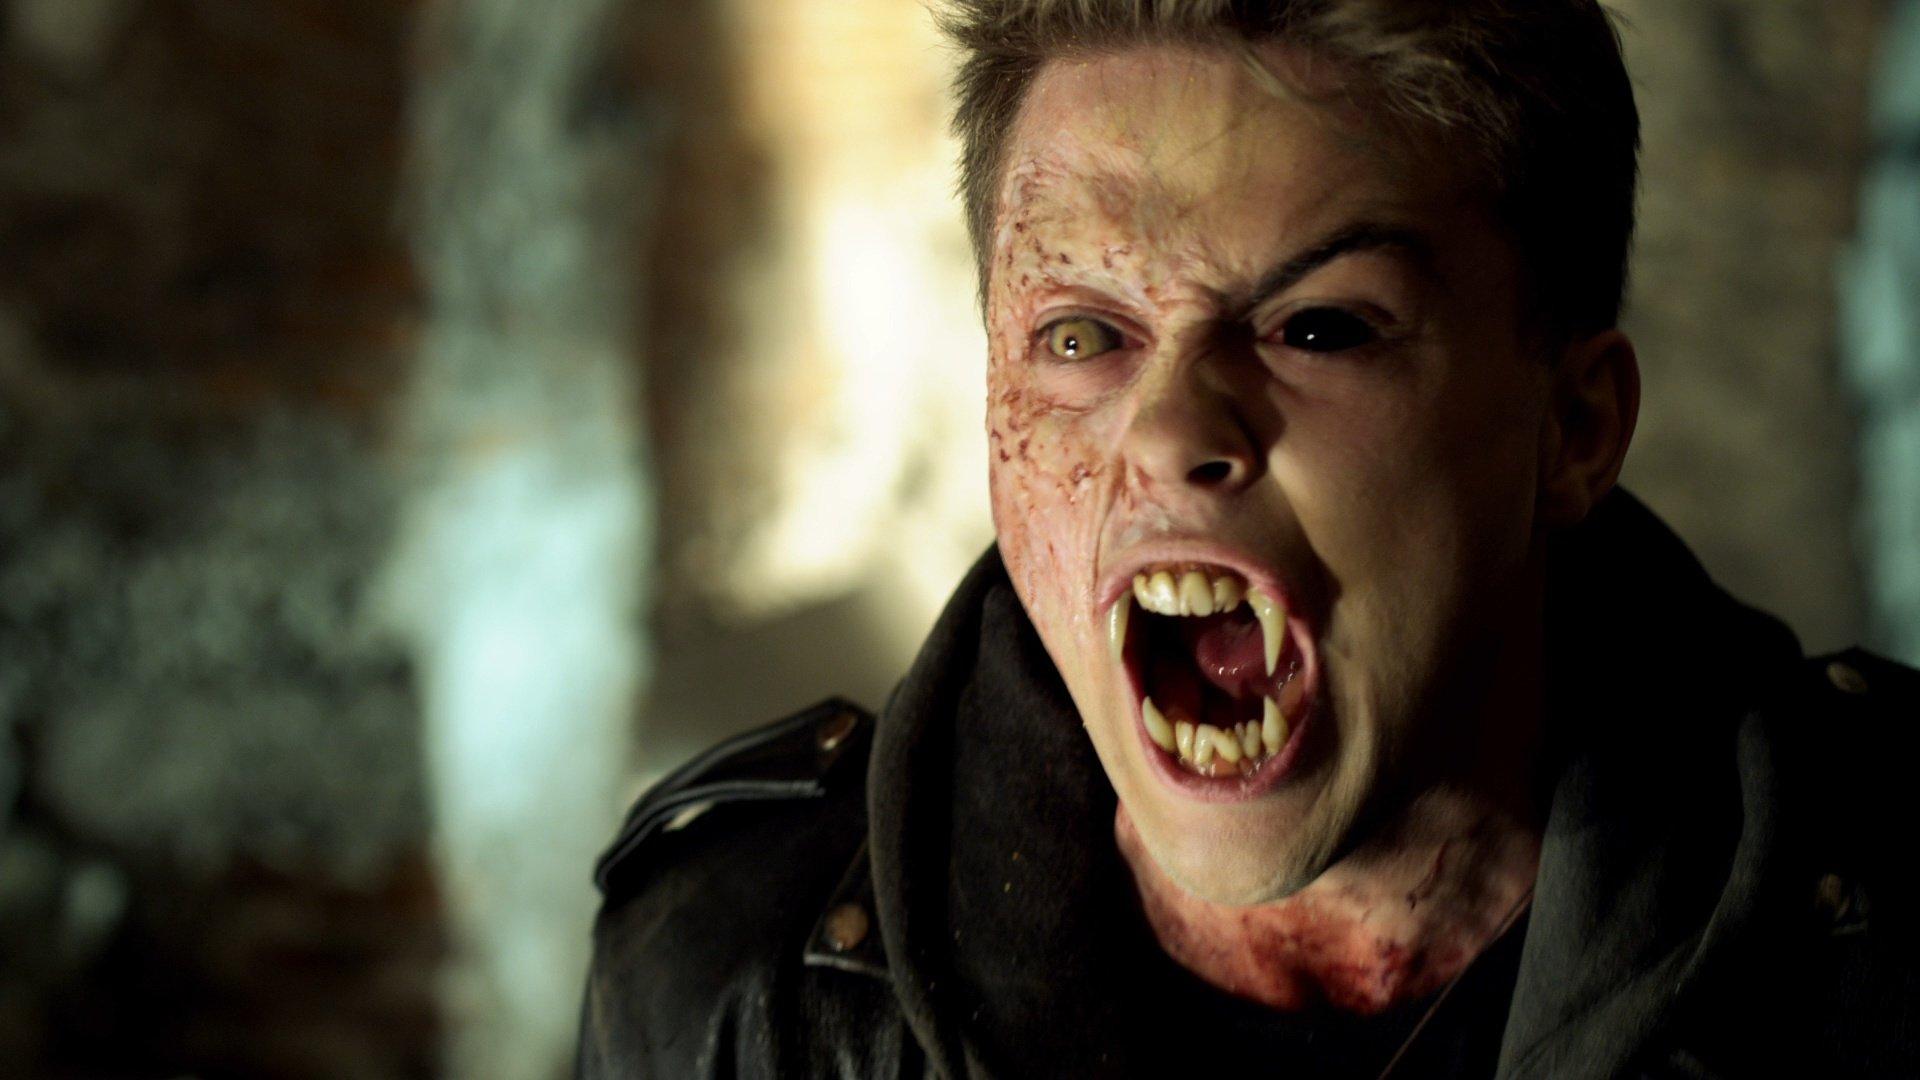 FRIGHT NIGHT comedy horror dark movie film vampire ...